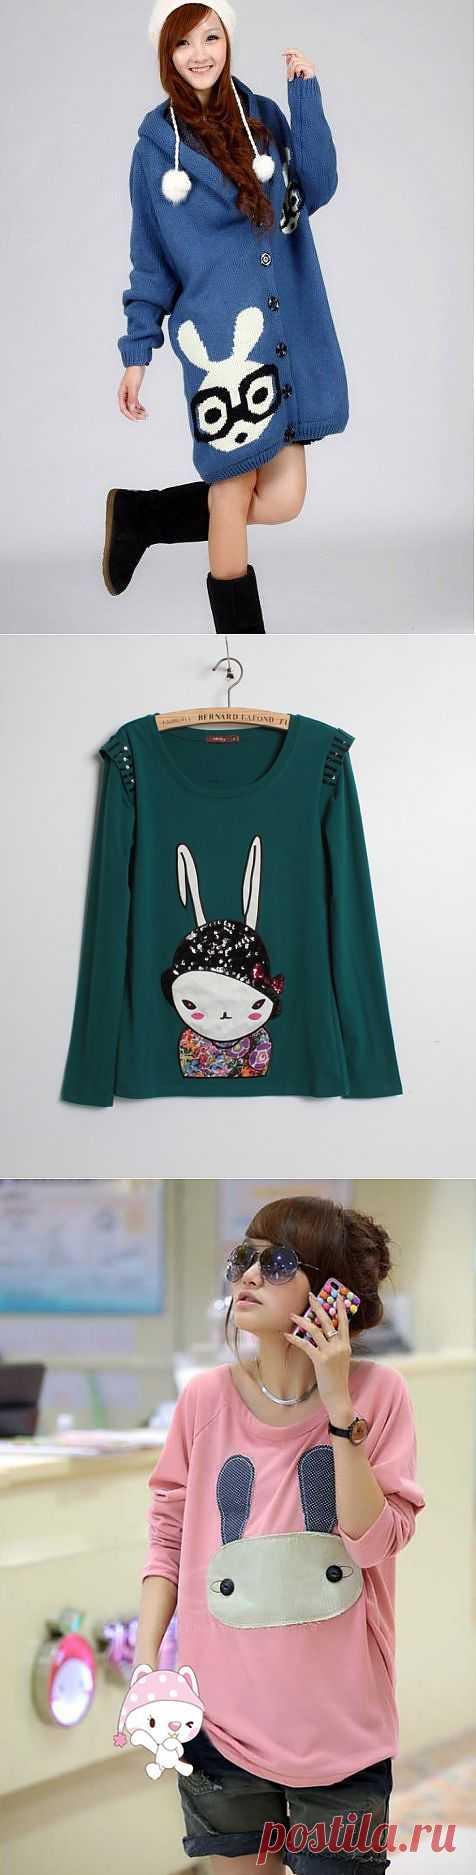 Кролики это не только ценный мех.. (подборка) / Рисунки и надписи / Модный сайт о стильной переделке одежды и интерьера